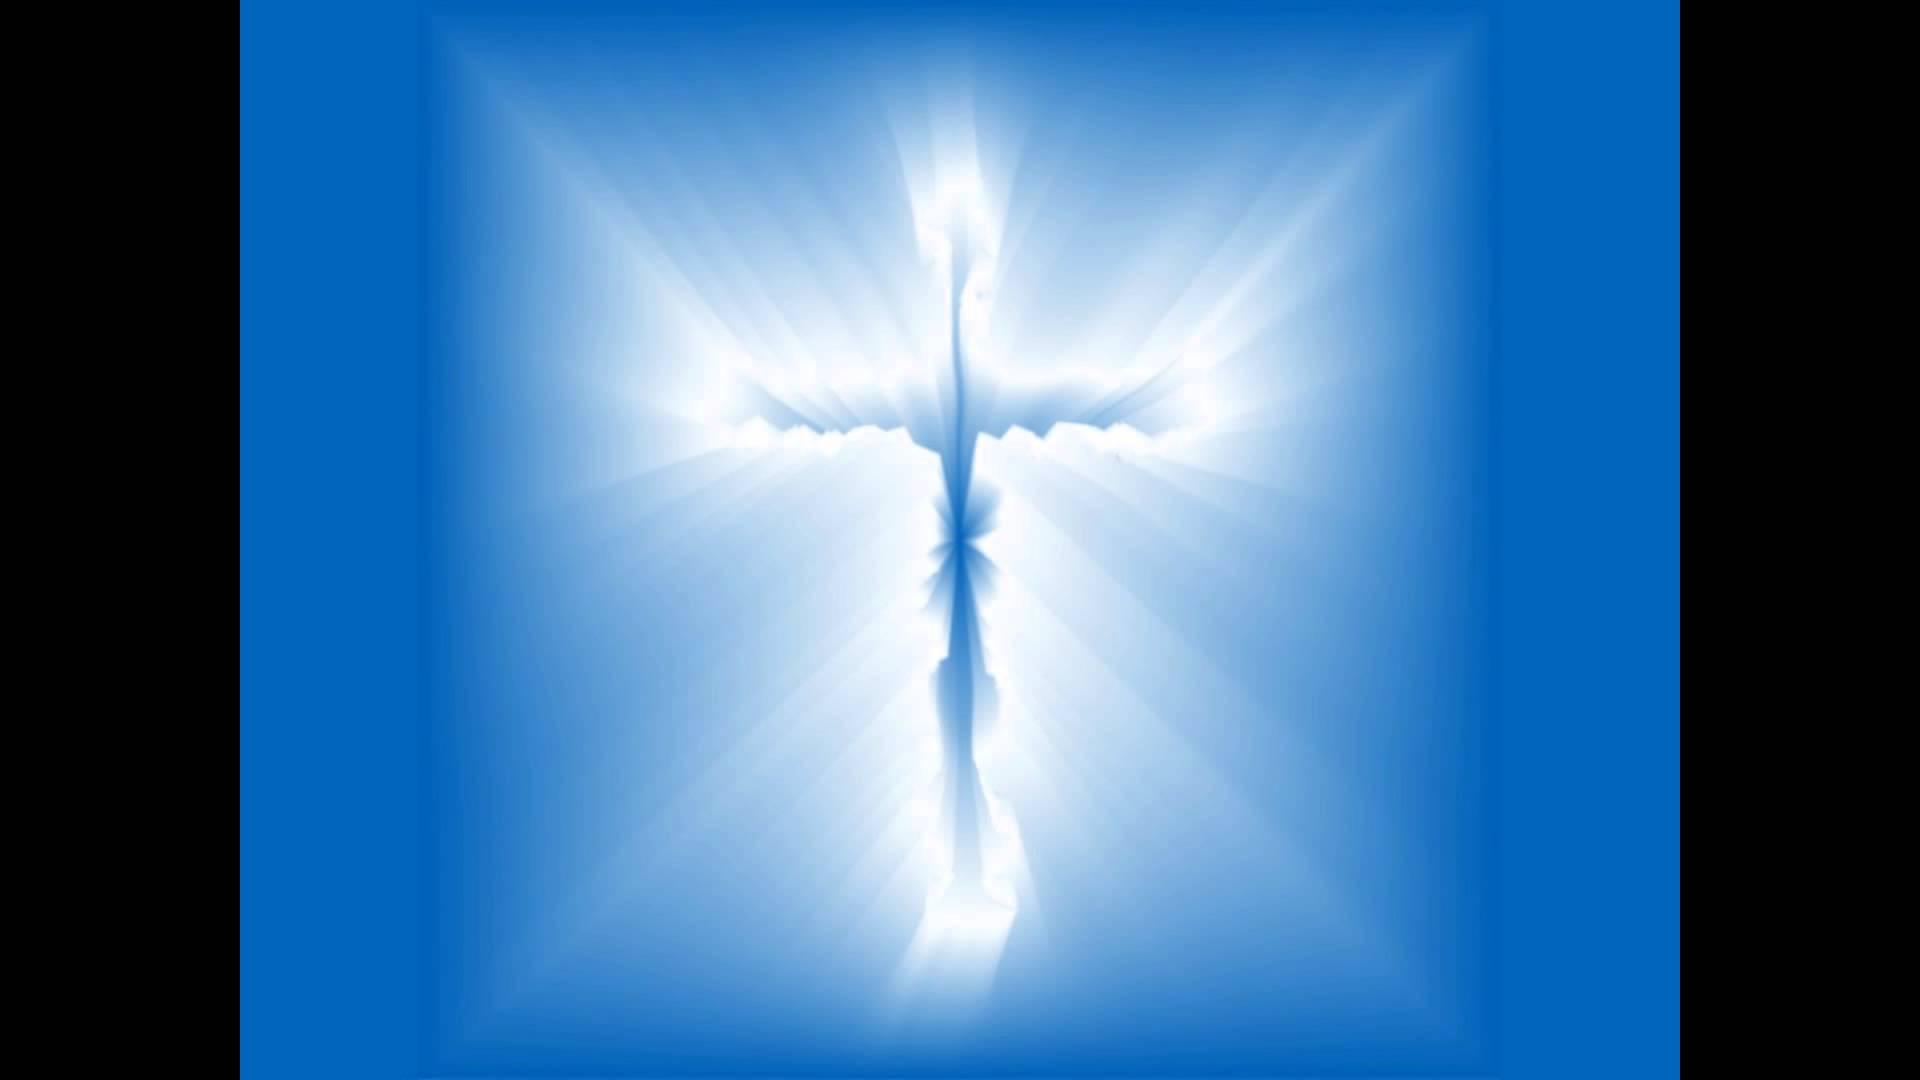 Opwekking 134 - De Heer is mijn licht 4